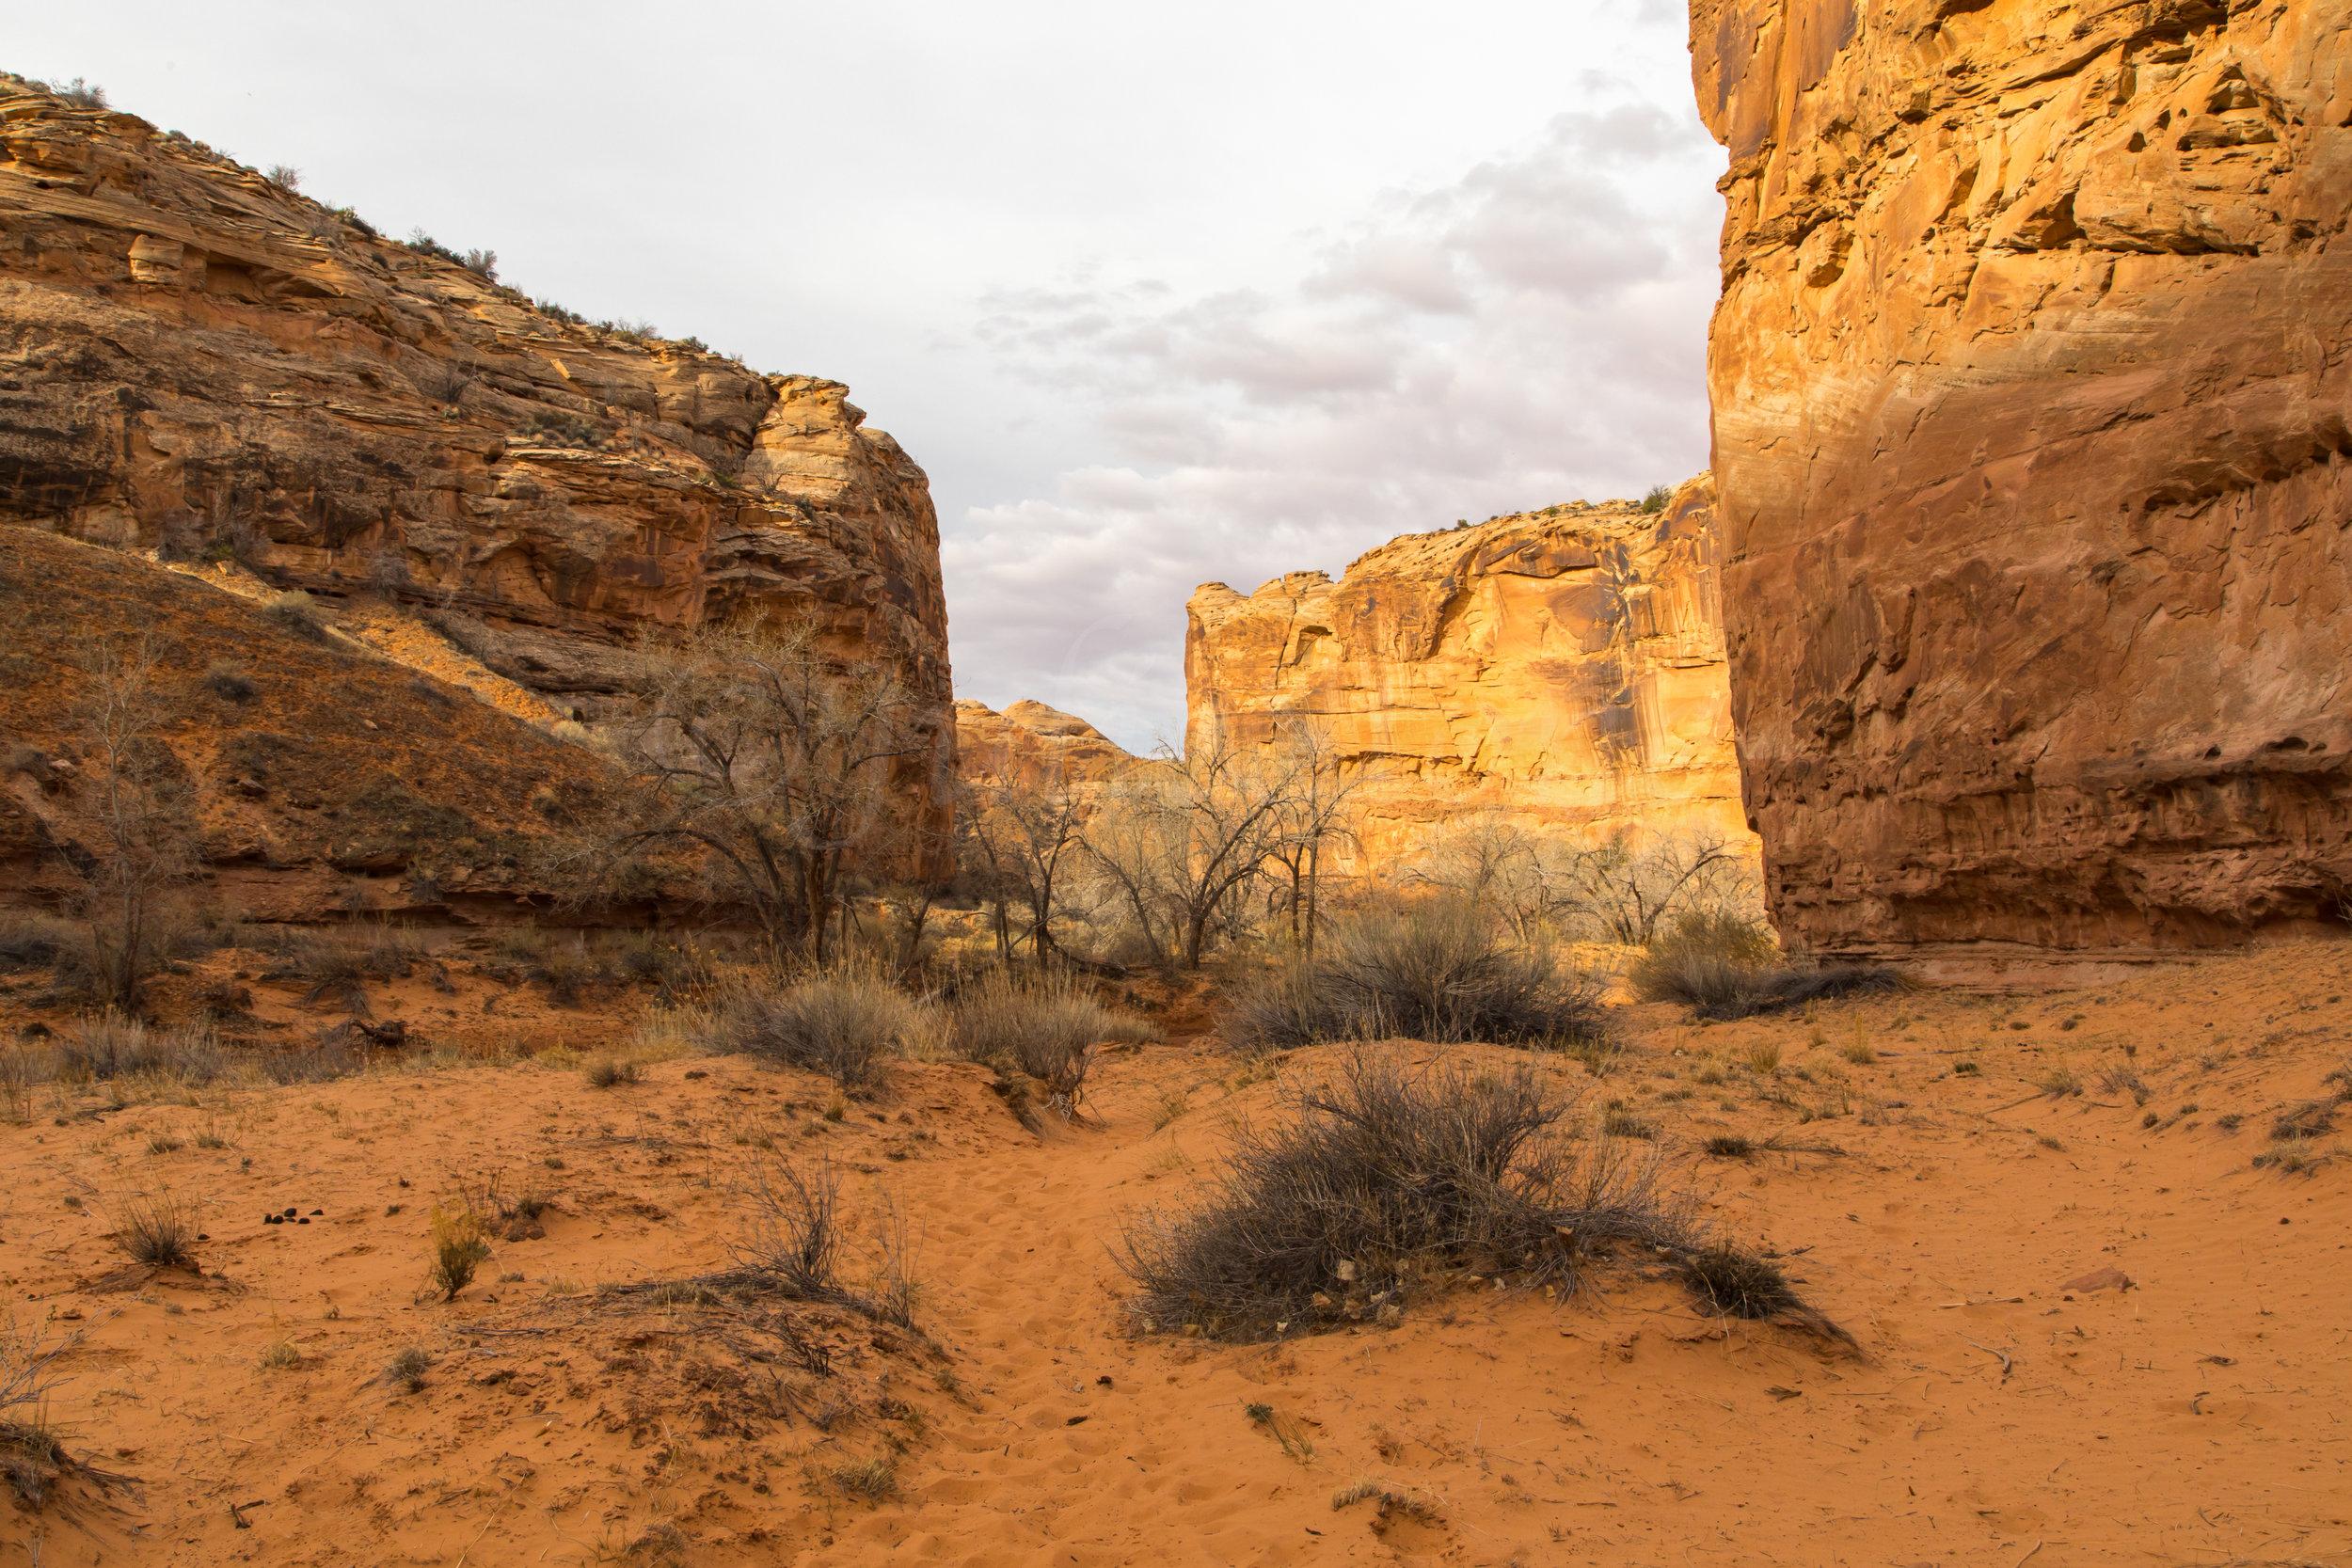 Horseshoe Canyon, Image # 7967